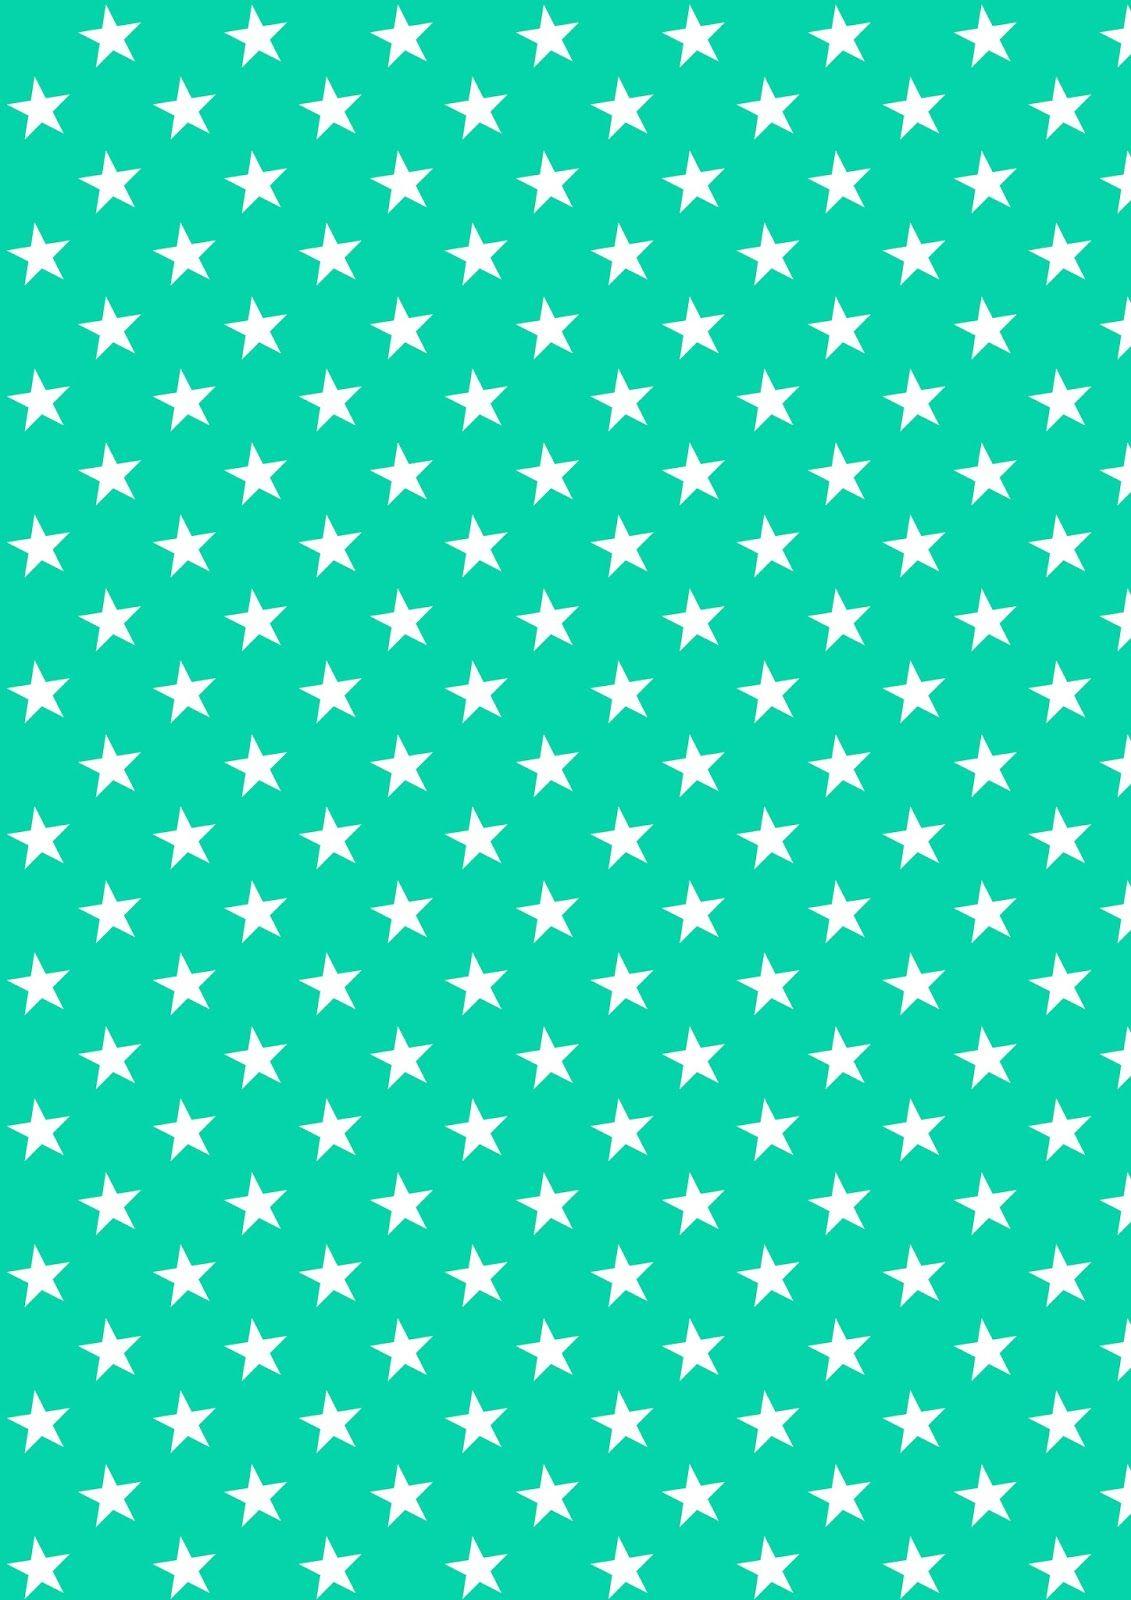 Free Digital Star Scrapbooking Paper Ausdruckbares Geschenkpapier